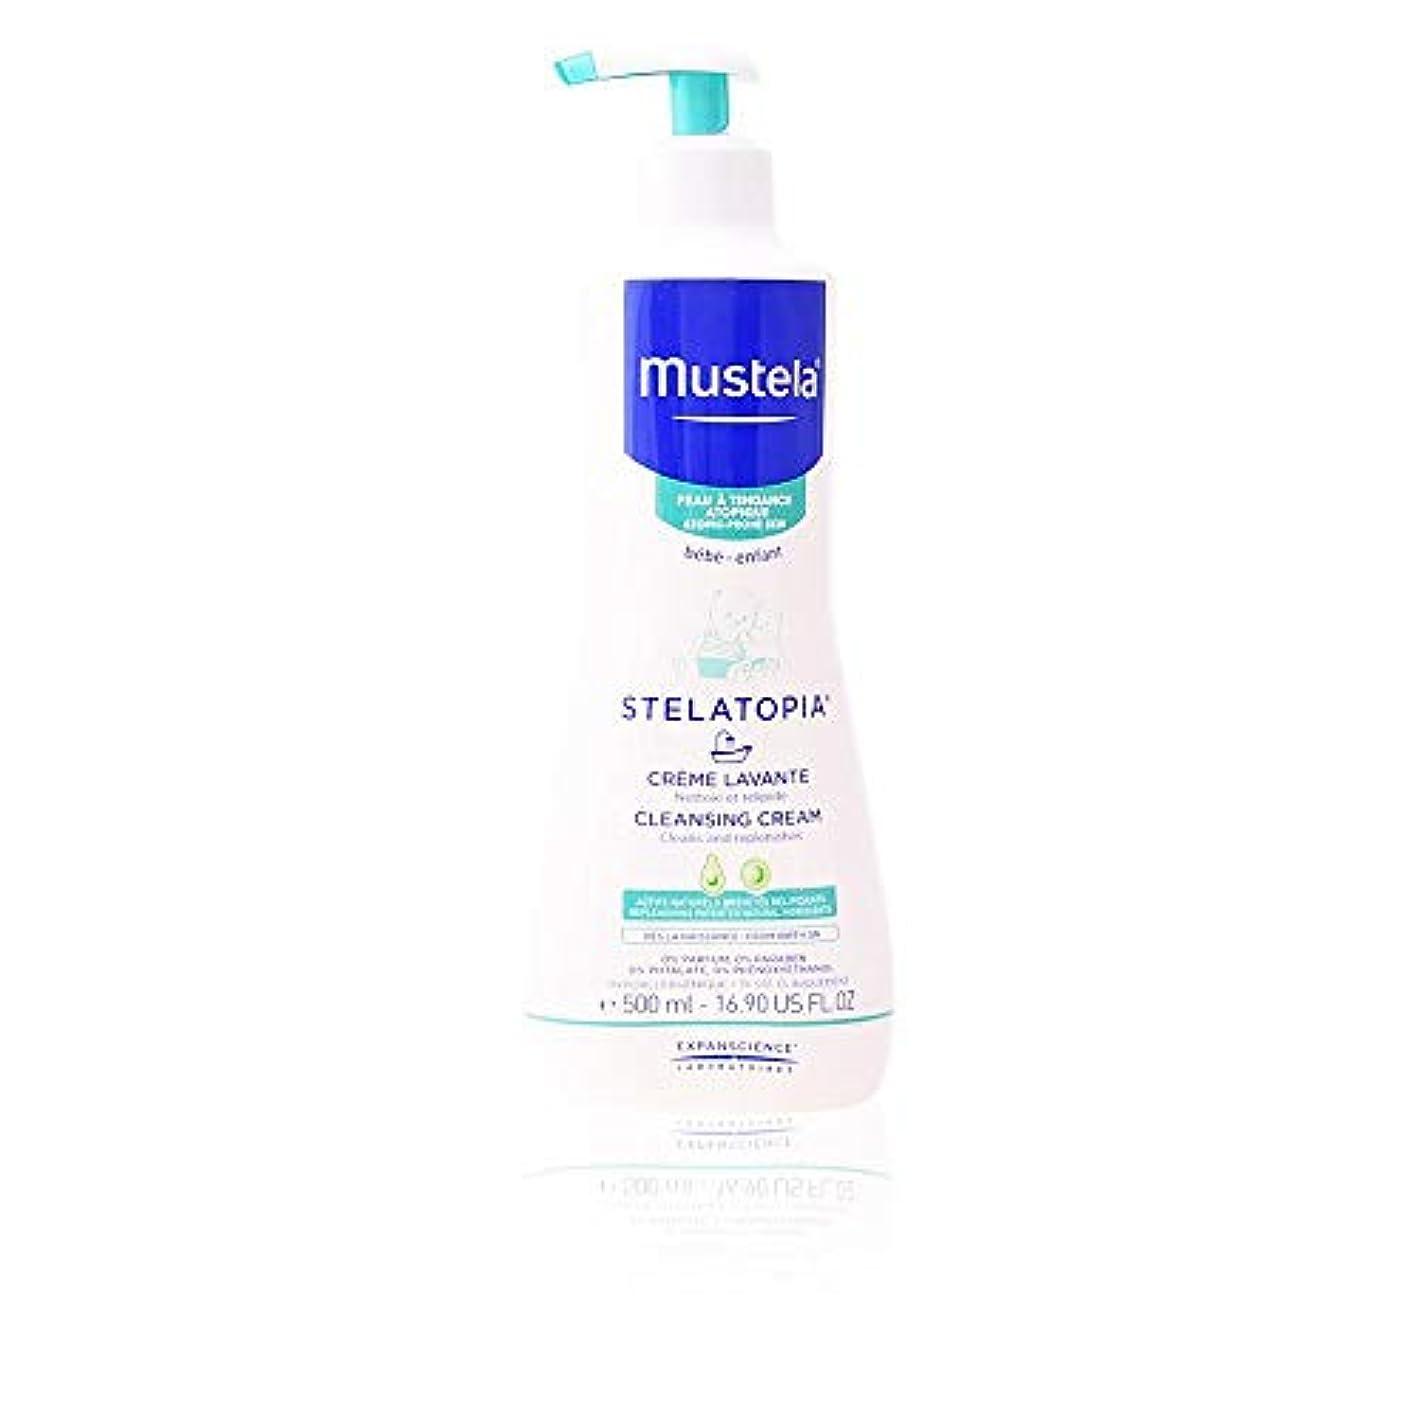 相反するドロー啓示ムステラ Stelatopia Cleansing Cream - For Atopic-Prone Skin 500ml/16.9oz並行輸入品